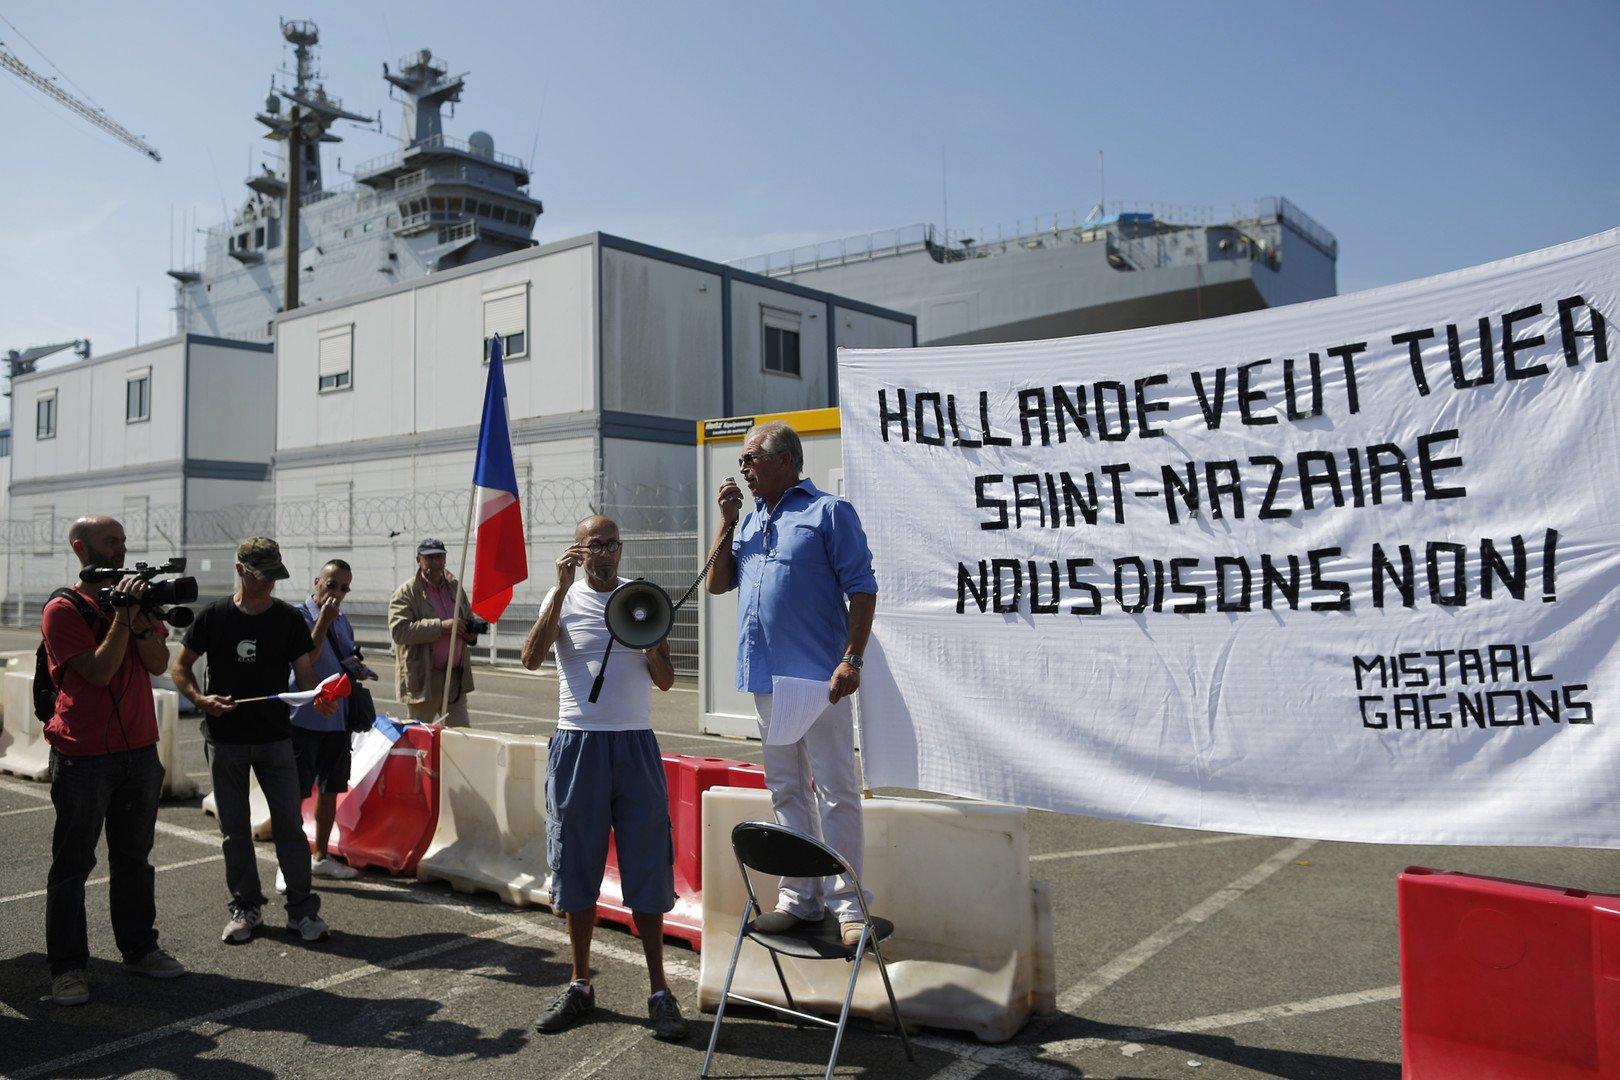 Le manifestation pour la livraison des navires Mistral à Saint-Nazaire (REUTERS/Stephane Mahe)